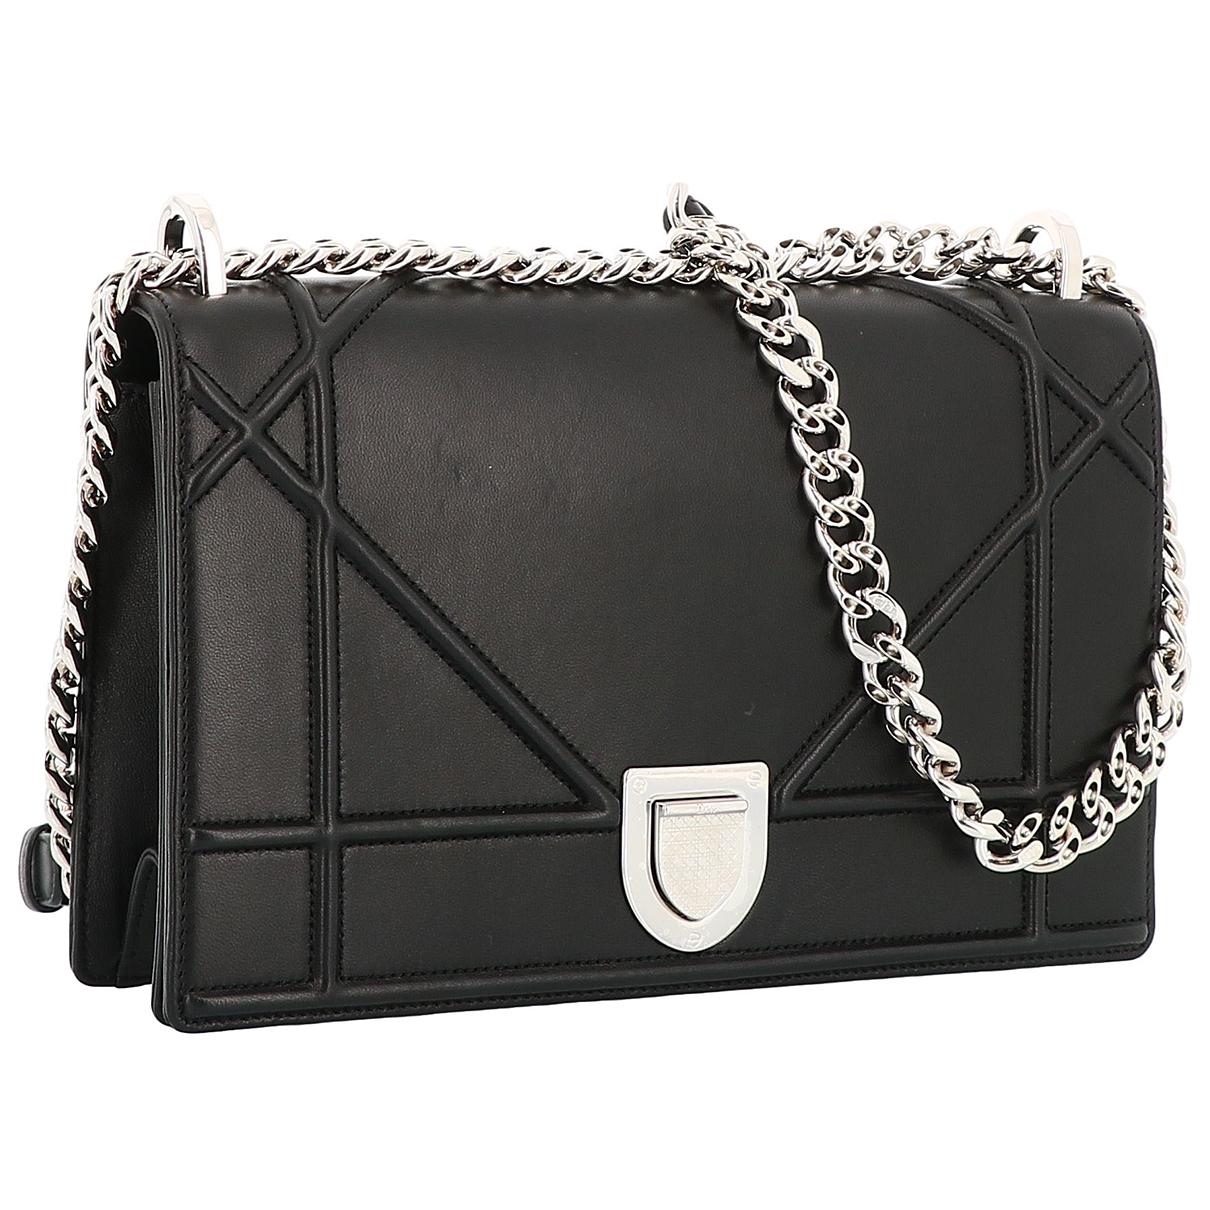 Dior Diorama Handtasche in  Bunt Leder